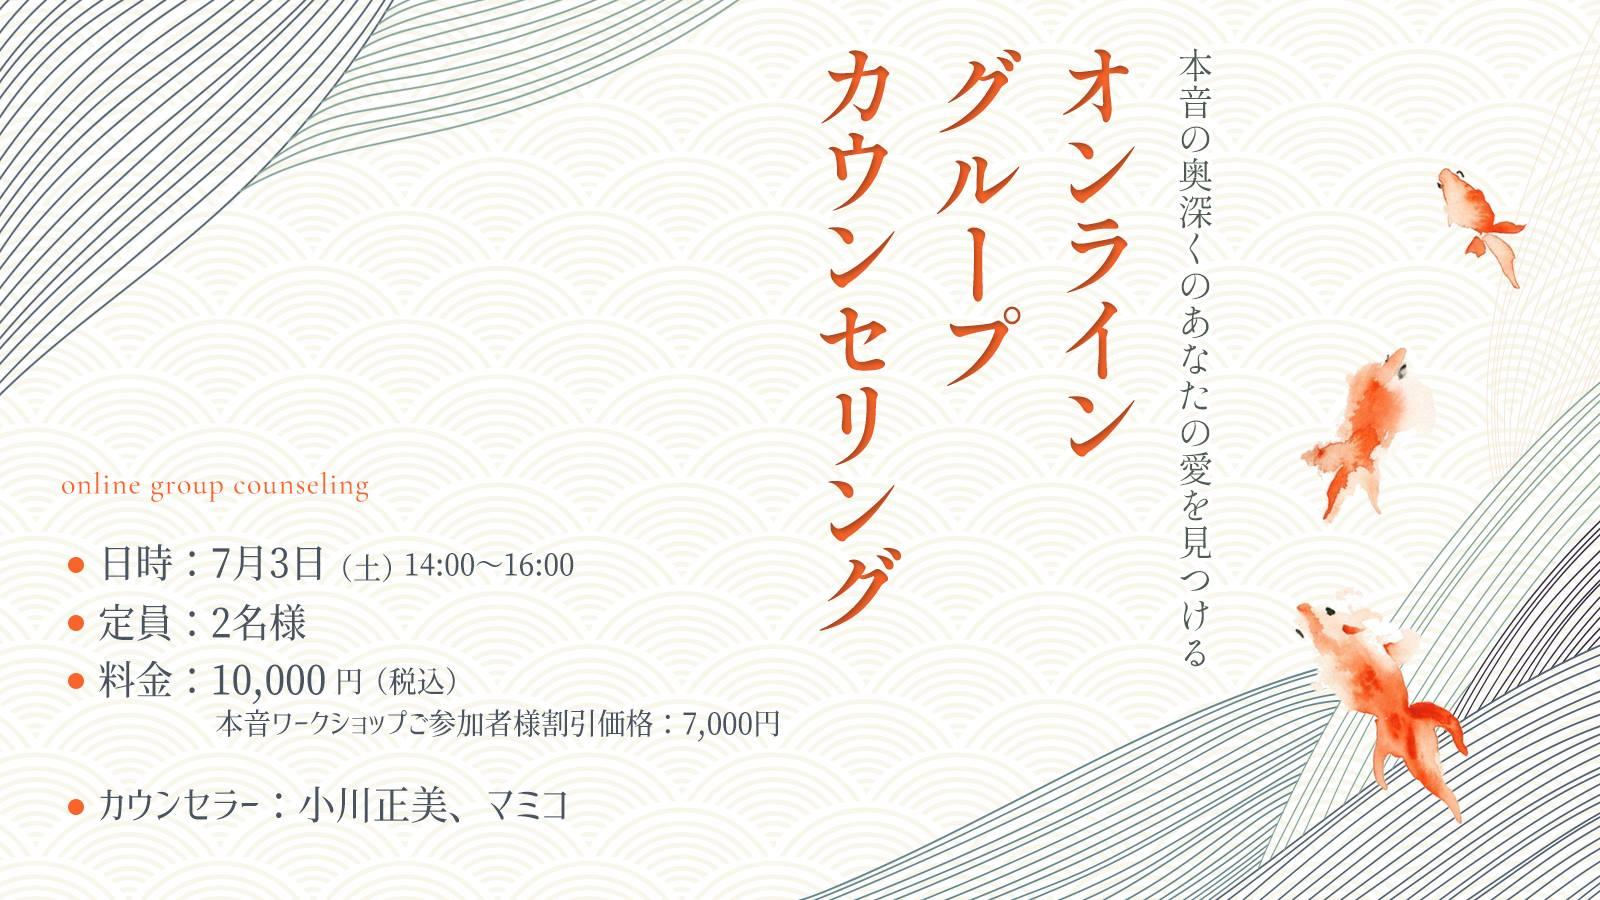 【7/3(土)10:00~12:00・限定2名様】小川正美ちゃんとのオンライングループカウンセリング ~いつもゲリラでさーせん!~